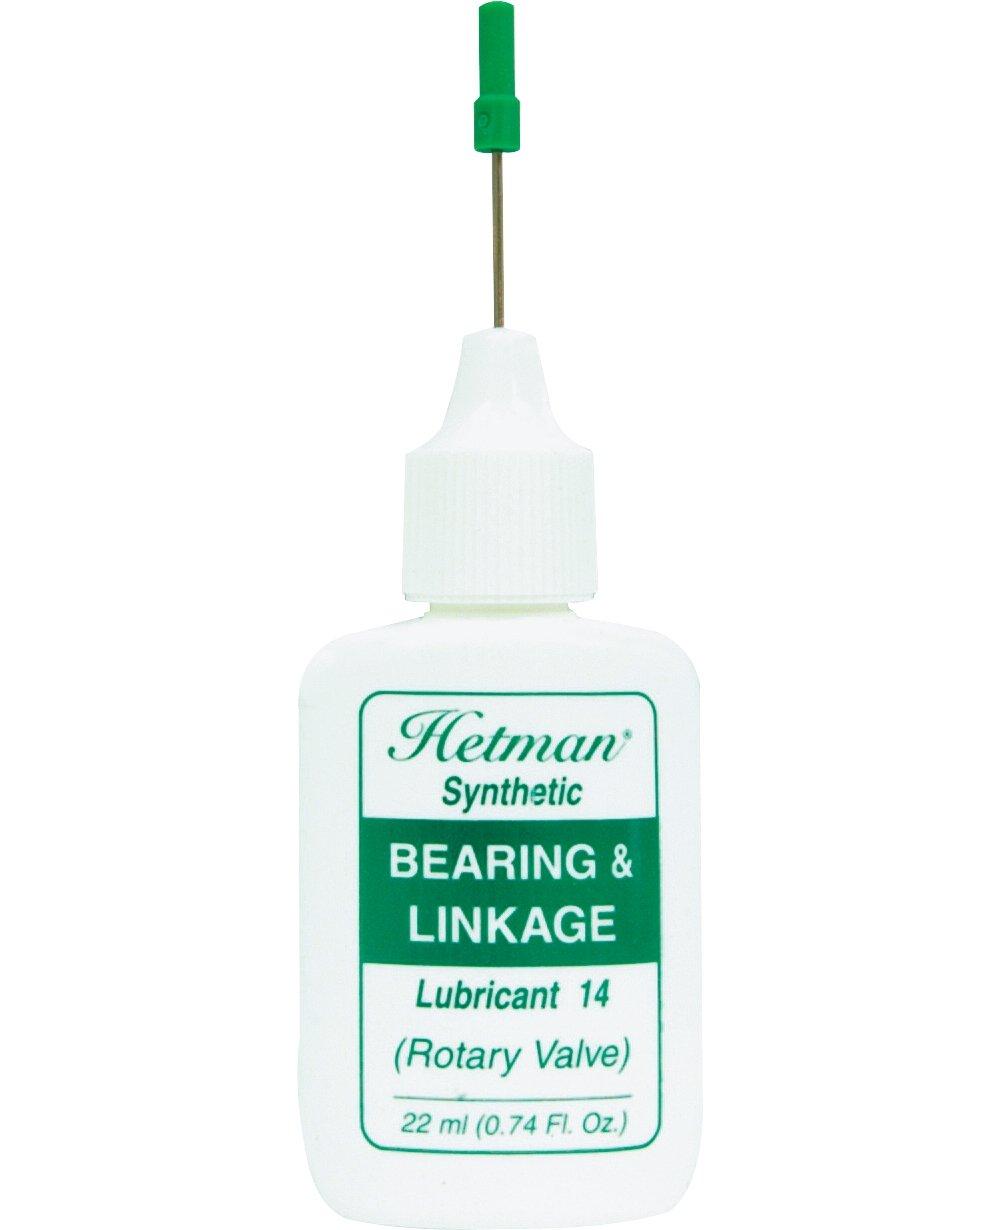 Hetman Bearing & Linkage Lubricant - 14